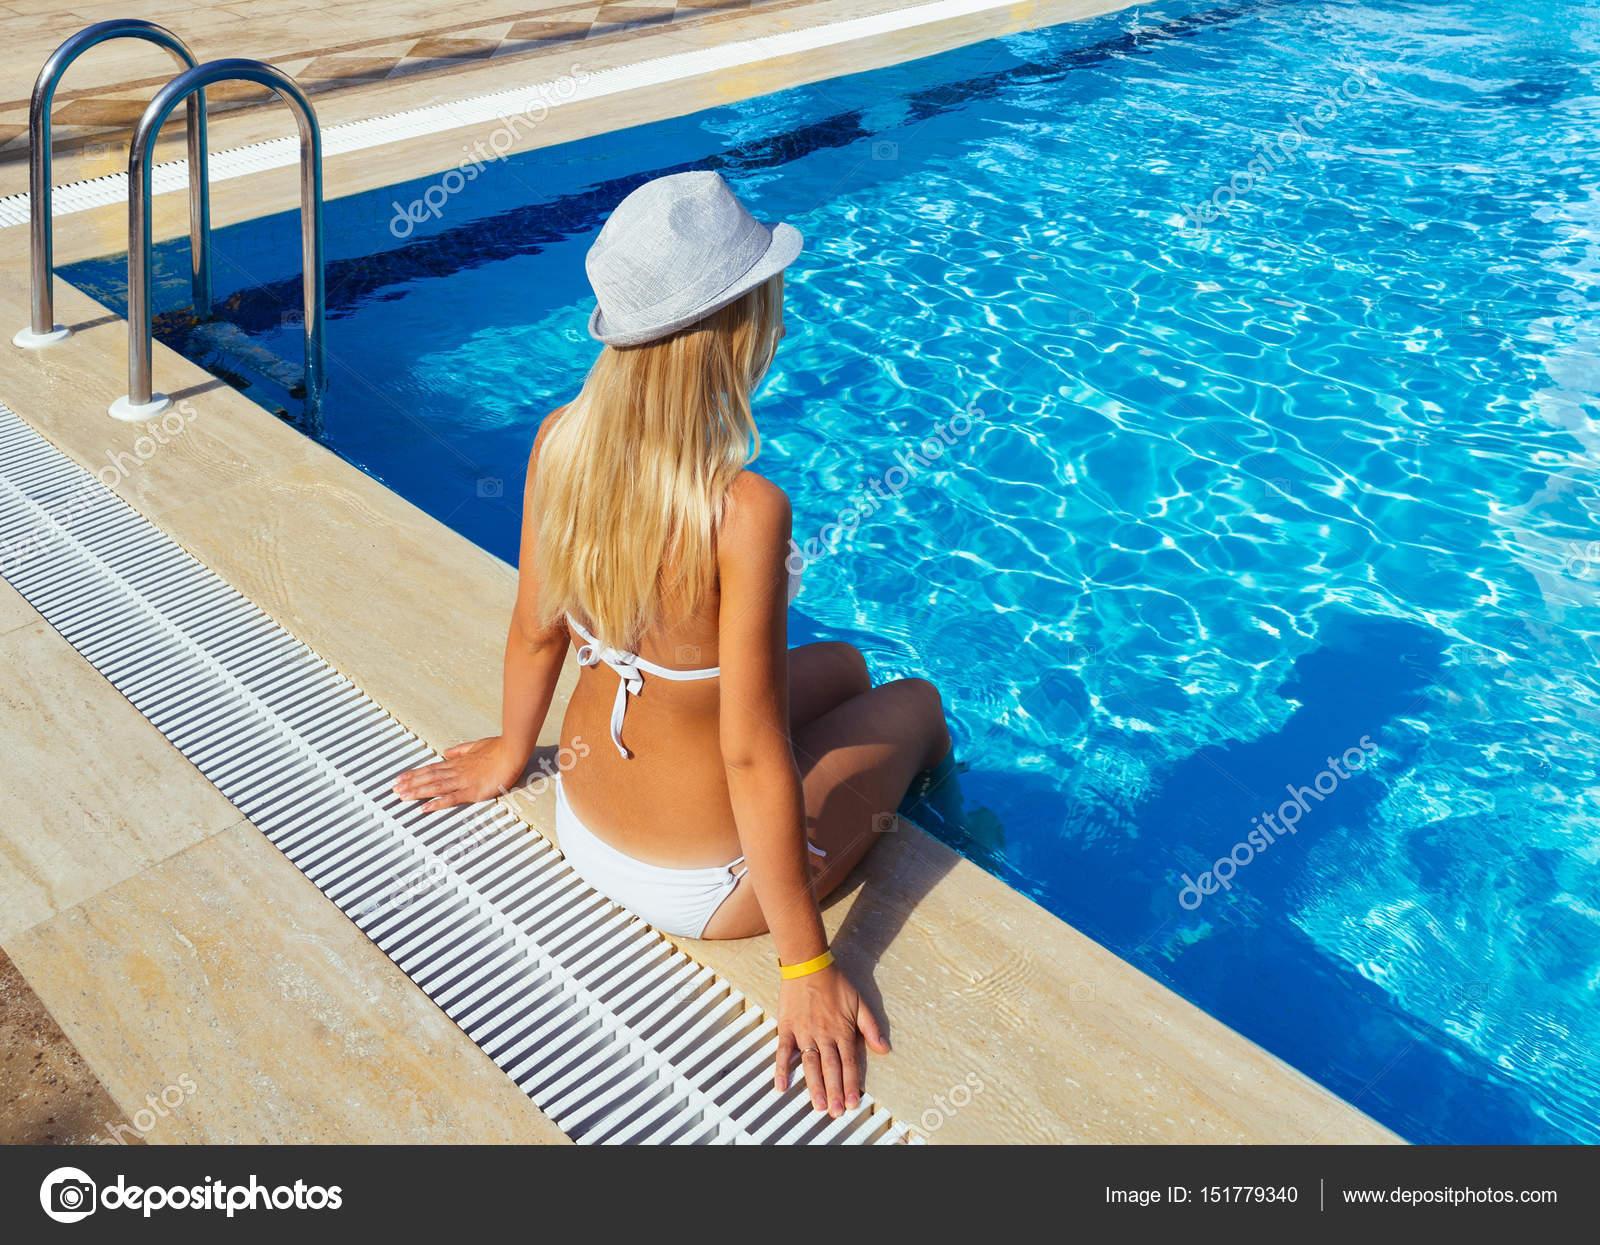 Chica rubia sentada junto a la piscina fotos de stock for Fotos follando en la piscina